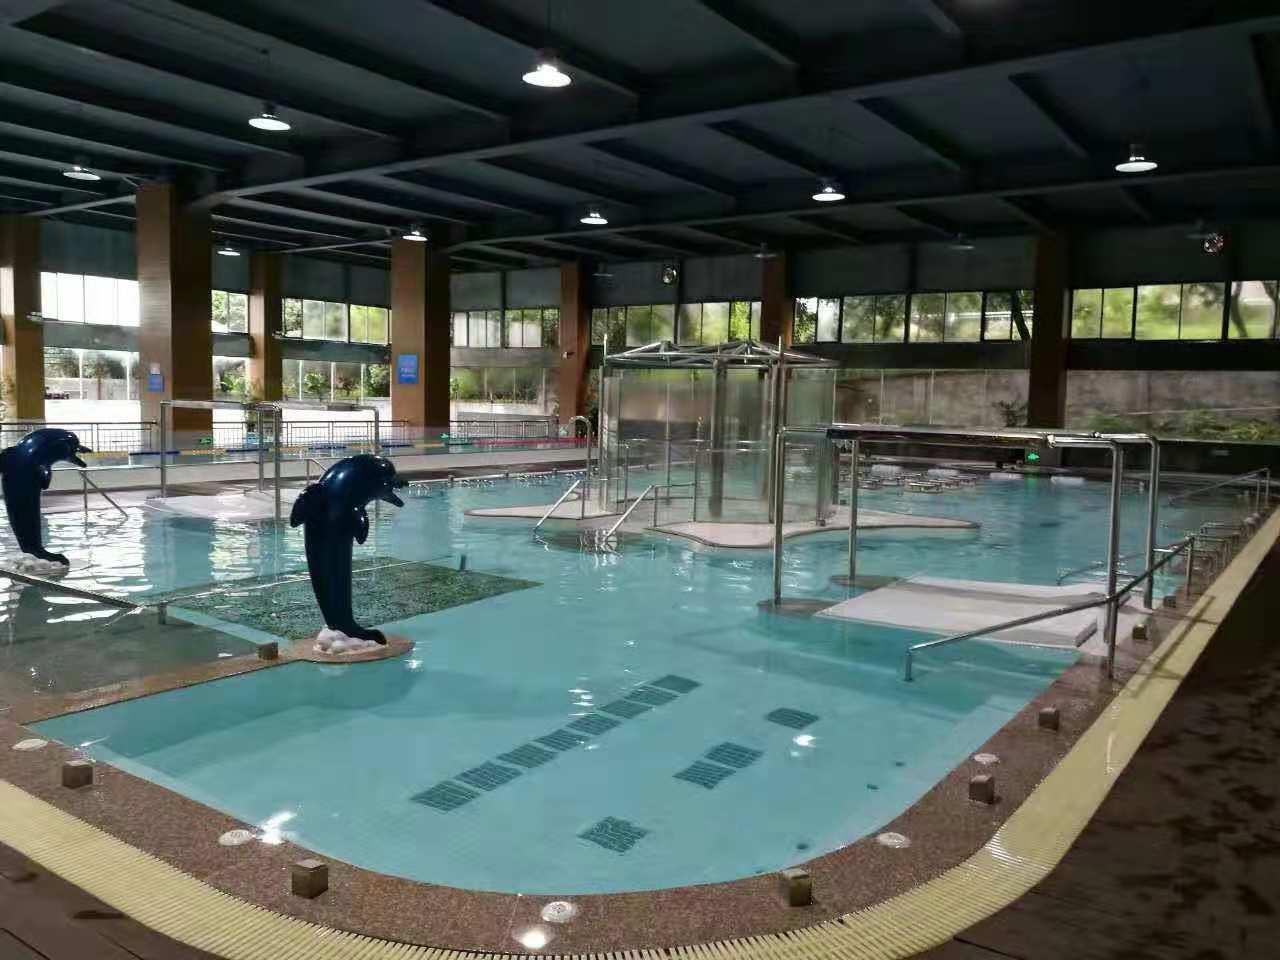 游泳池水处理设备毛发过滤器的标准有哪些?